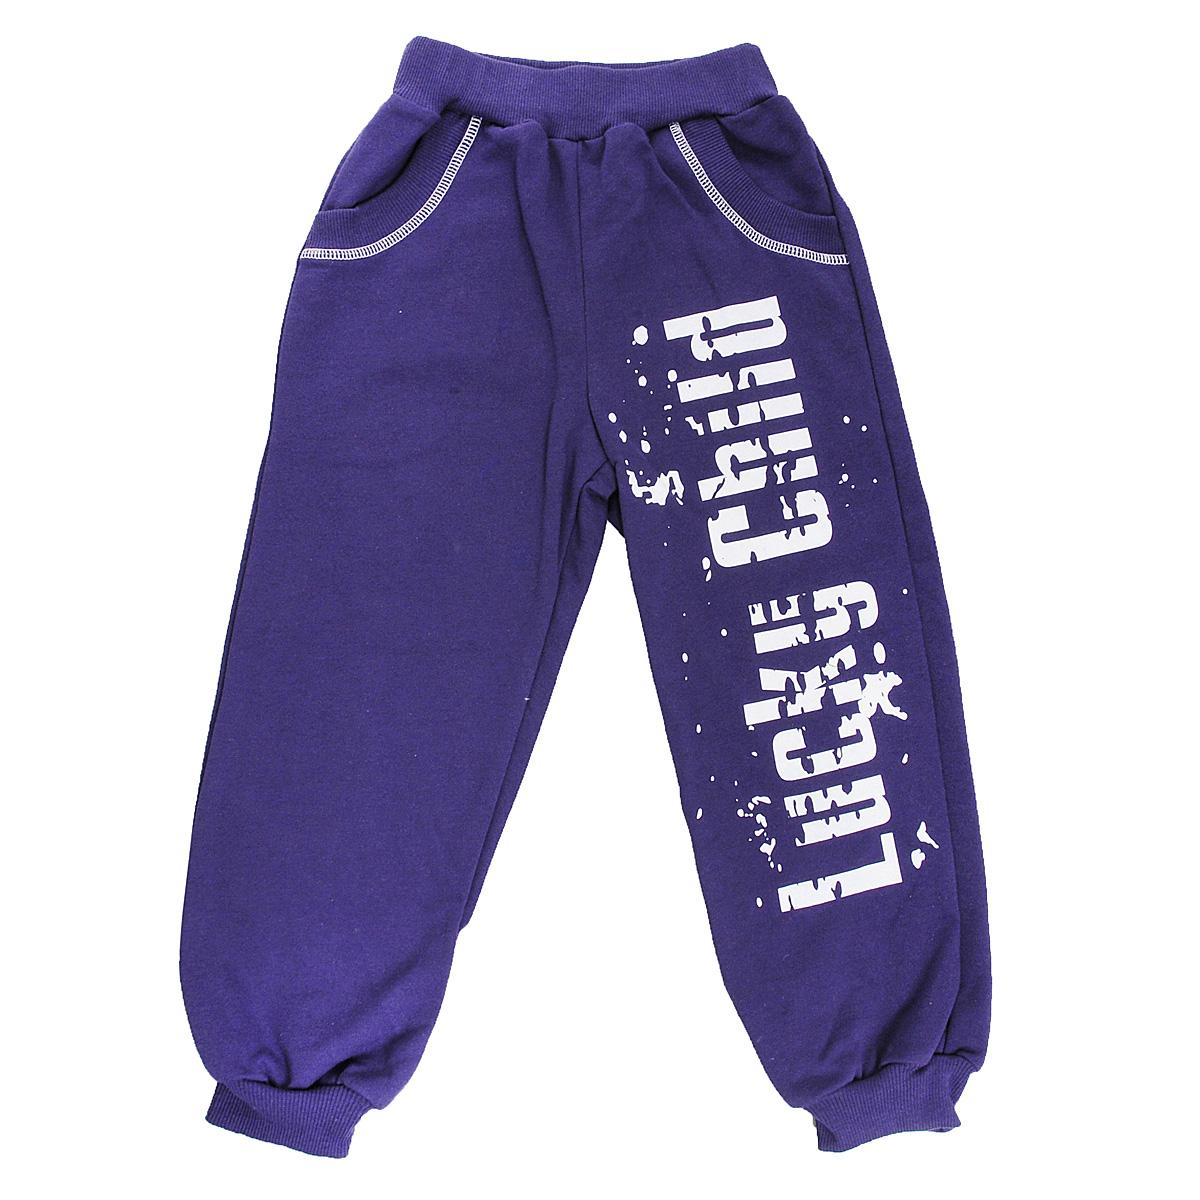 Брюки8-10Детские брюки Lucky Child идеально подойдут вашему ребенку. Изготовленные из интерлока - натурального хлопка, они необычайно мягкие и приятные на ощупь, не сковывают движения ребенка и позволяют коже дышать, не раздражают даже самую нежную и чувствительную кожу малыша, обеспечивая ему наибольший комфорт. Брюки на талии имеют широкую эластичную резинку, благодаря чему они не сдавливают животик ребенка и не сползают. Снизу брючины дополнены широкими трикотажными манжетами. По бокам имеются втачные кармашки. Спереди на левой брючине они оформлены оригинальным принтом в виде надписи Lucky Child. Оригинальный современный дизайн и модная расцветка делают эти брюки модным и стильным предметом детского гардероба. В них ваш ребенок будет чувствовать себя уютно и комфортно и всегда будет в центре внимания!